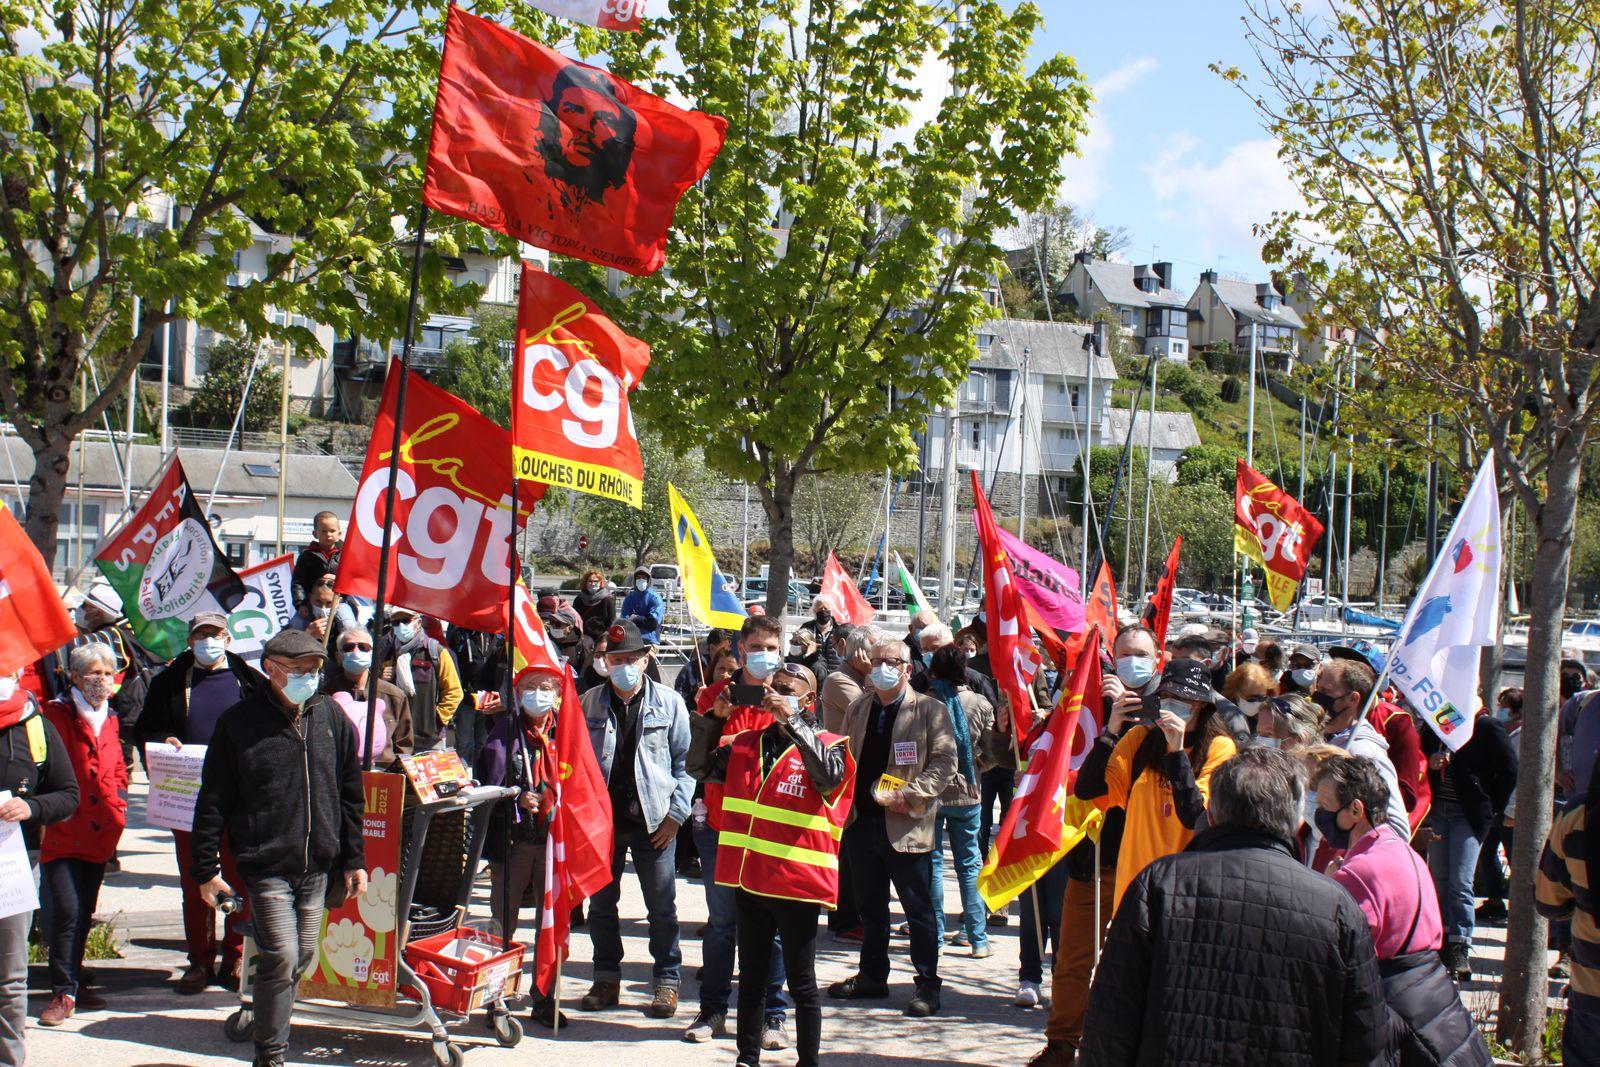 Manif du 1er mai 2021 à Morlaix - Photos de Jean-Luc Le Calvez et Ismaël Dupont